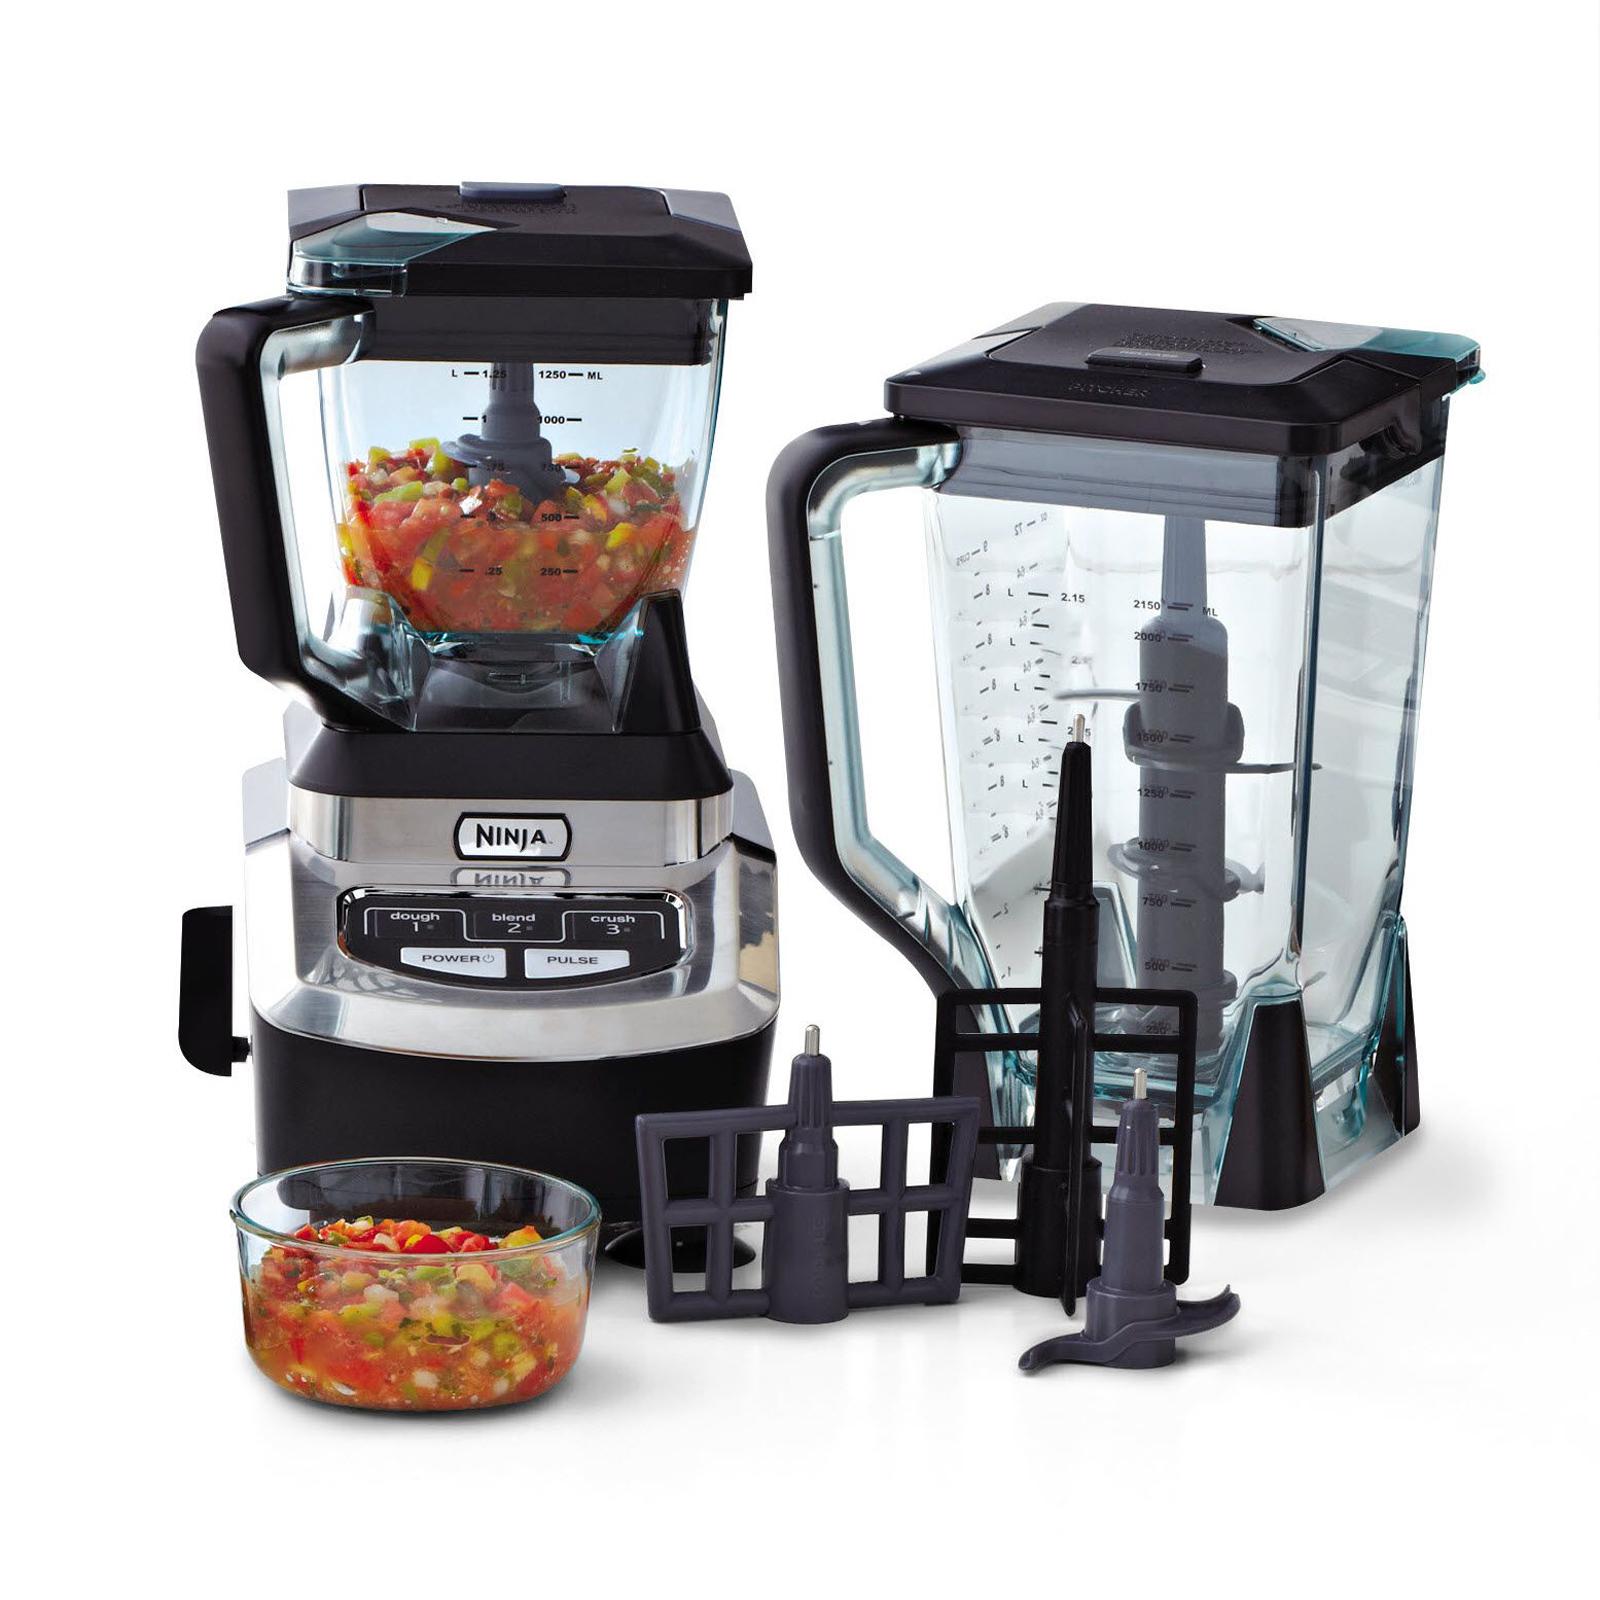 ninja ultra kitchen system appliances pay monthly bl700 1200